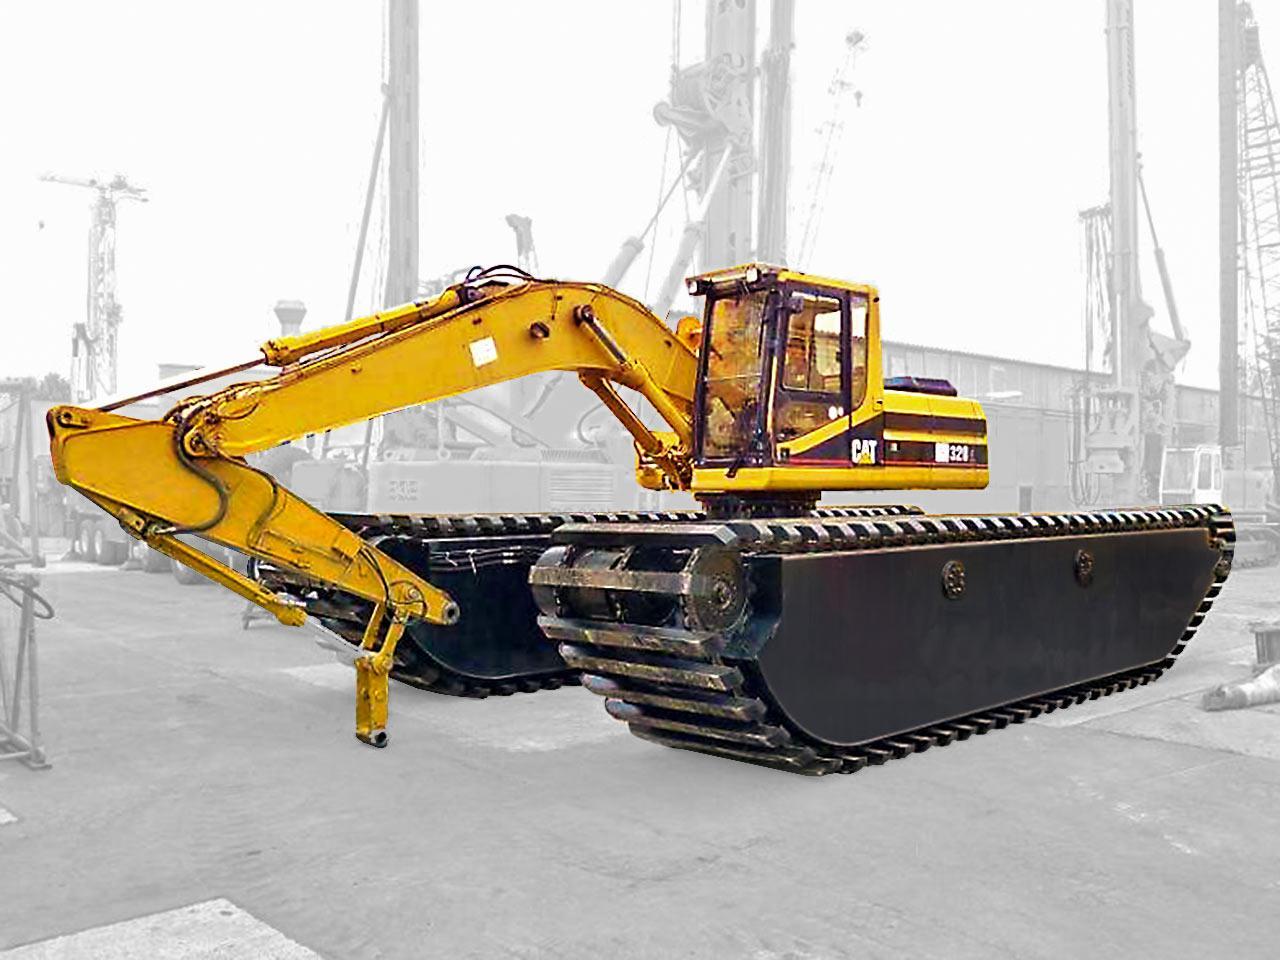 CAT 323 DL crawler excavator